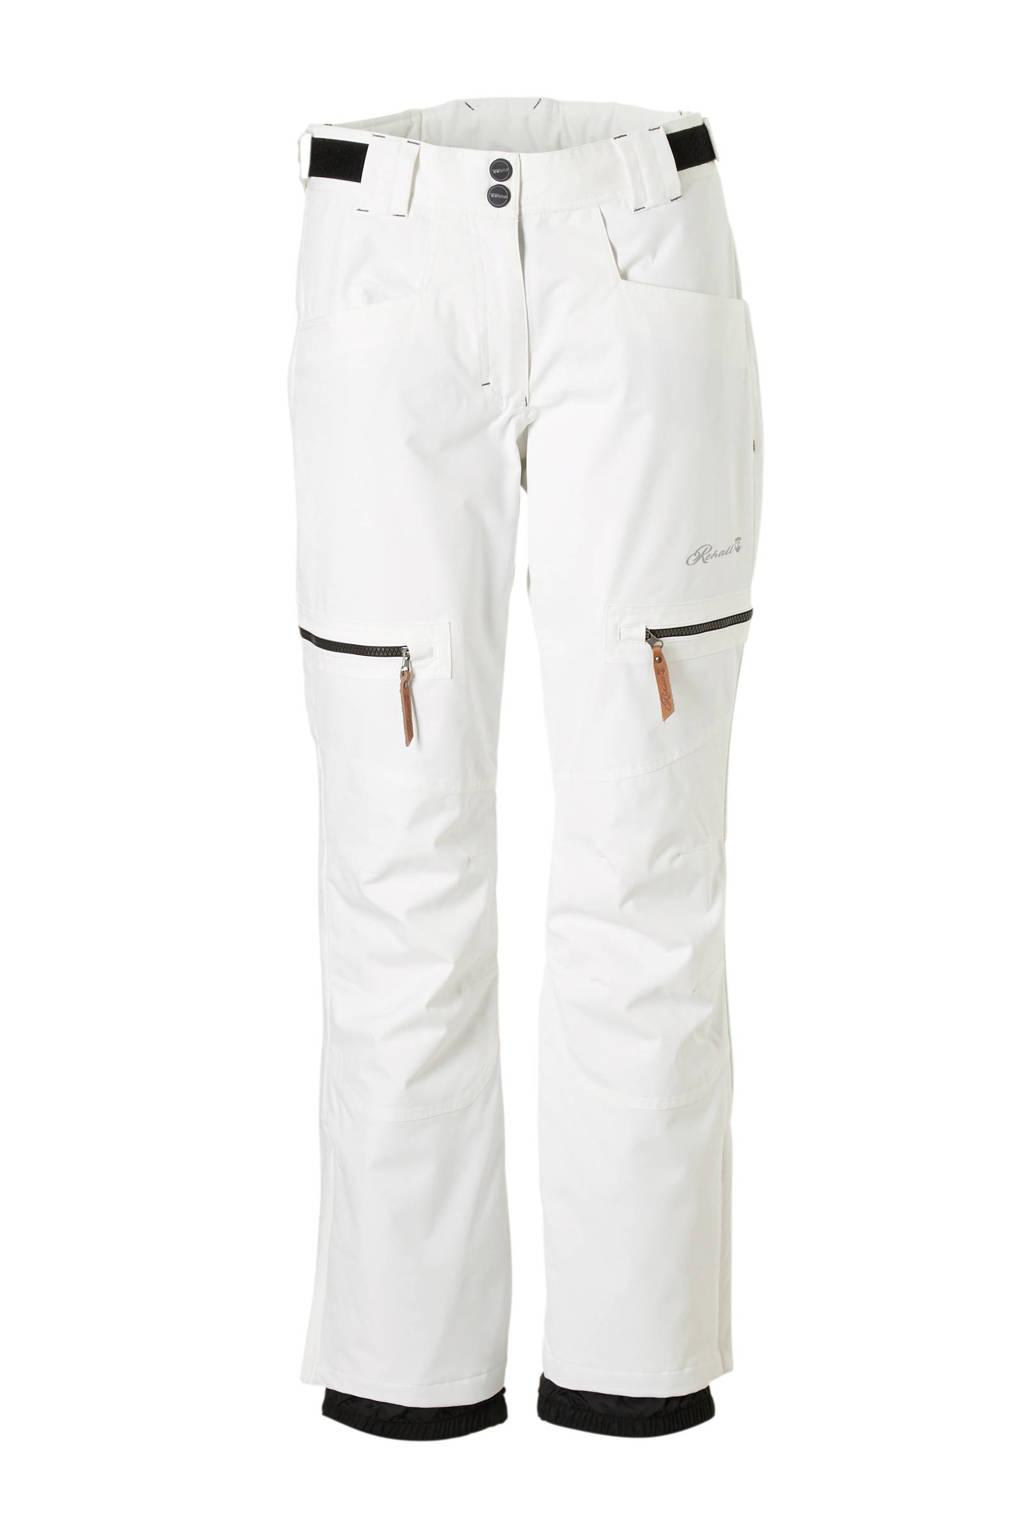 Rehall skibroek Harper-R wit, Wit/zwart